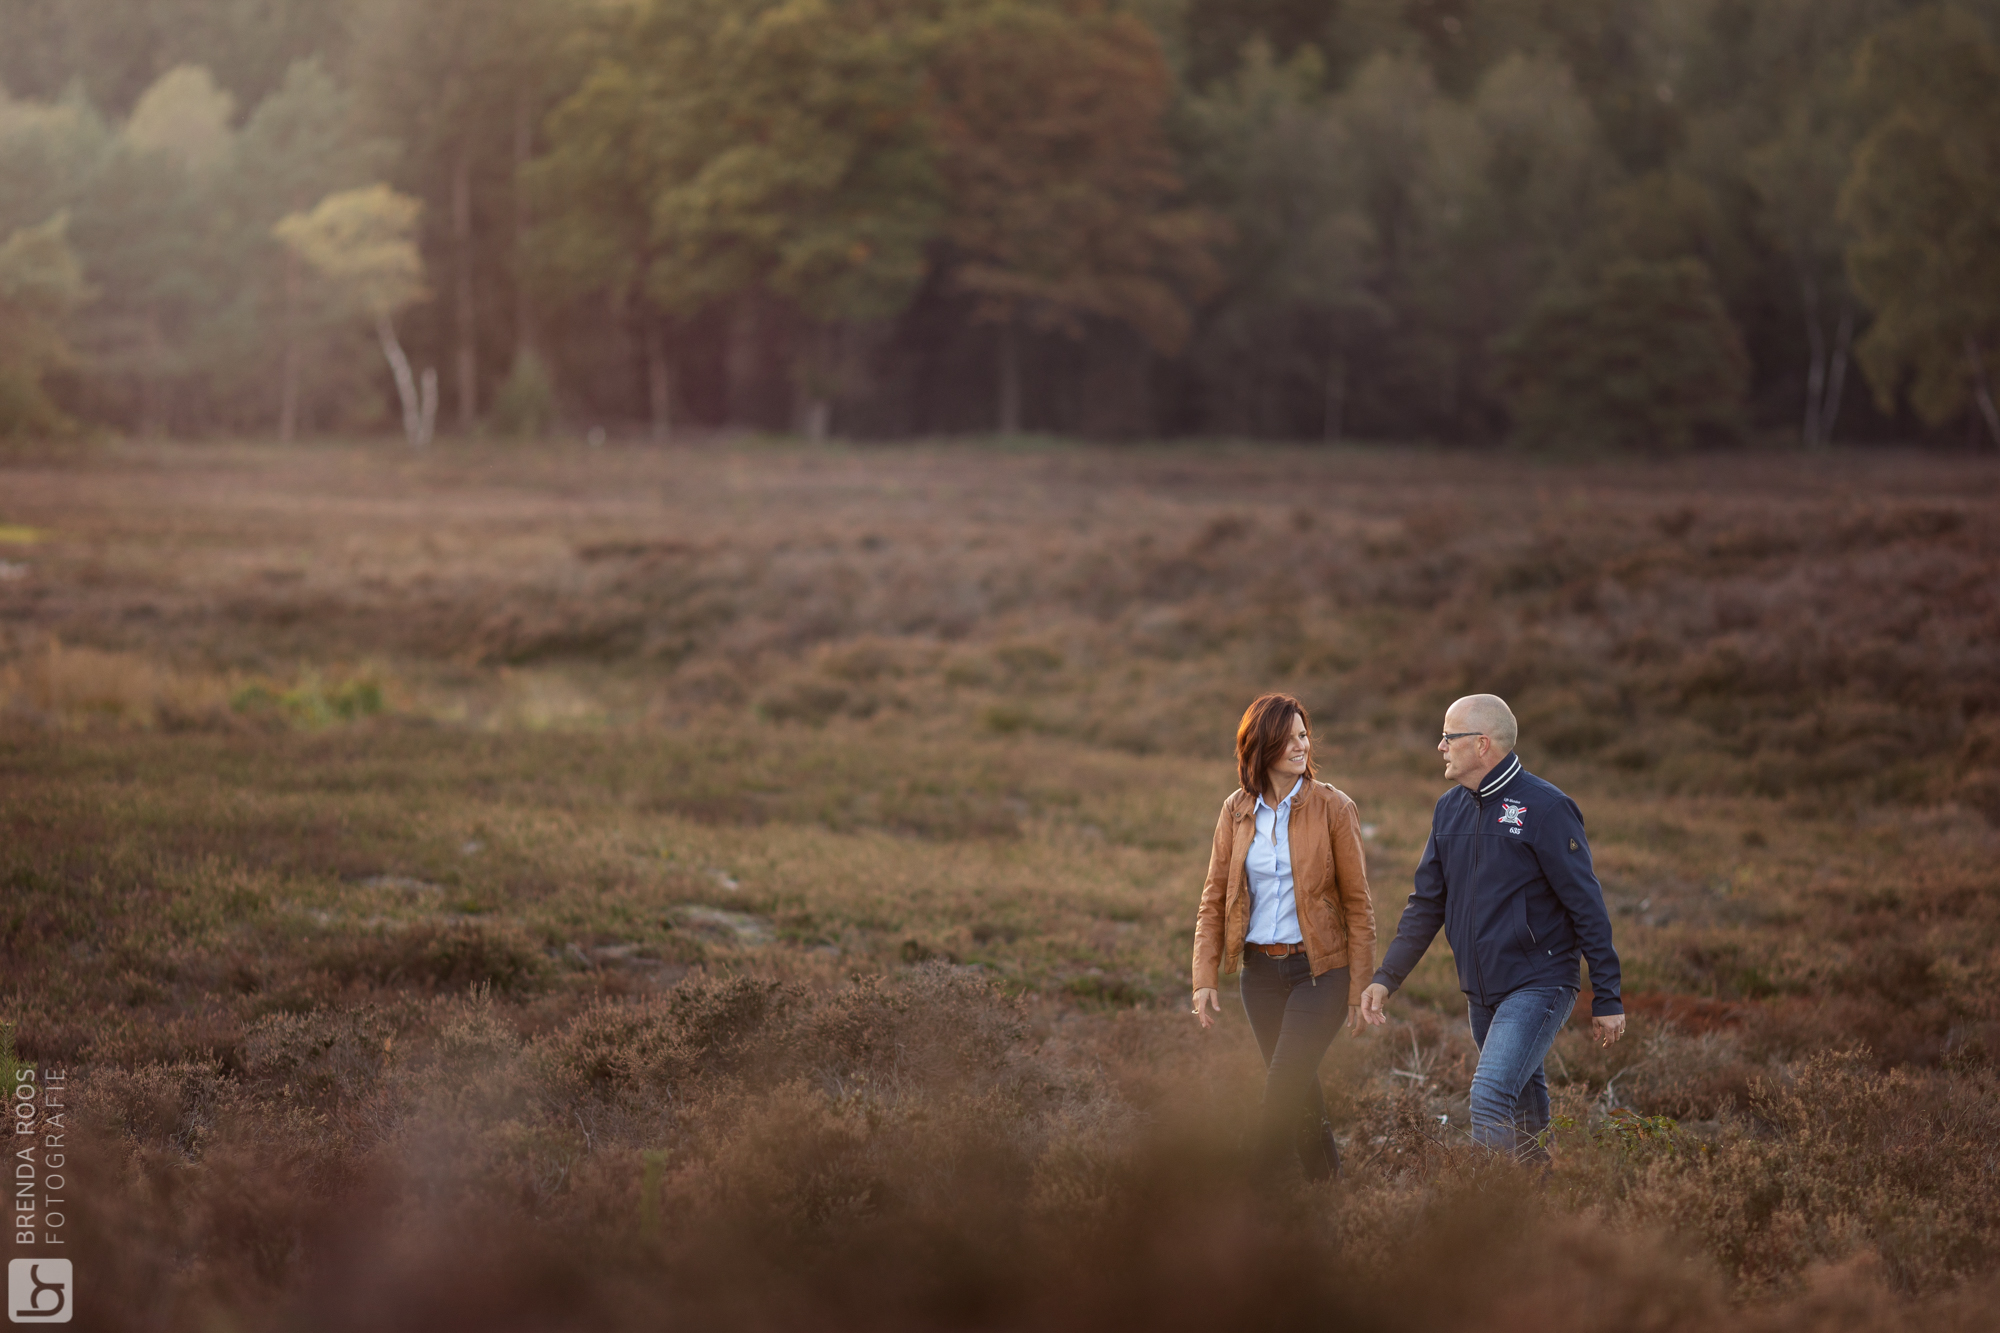 Familie fotograaf | Fotograaf Lelystad & Veluwe | heide herfst elspeet ermelo | Fotoshoot